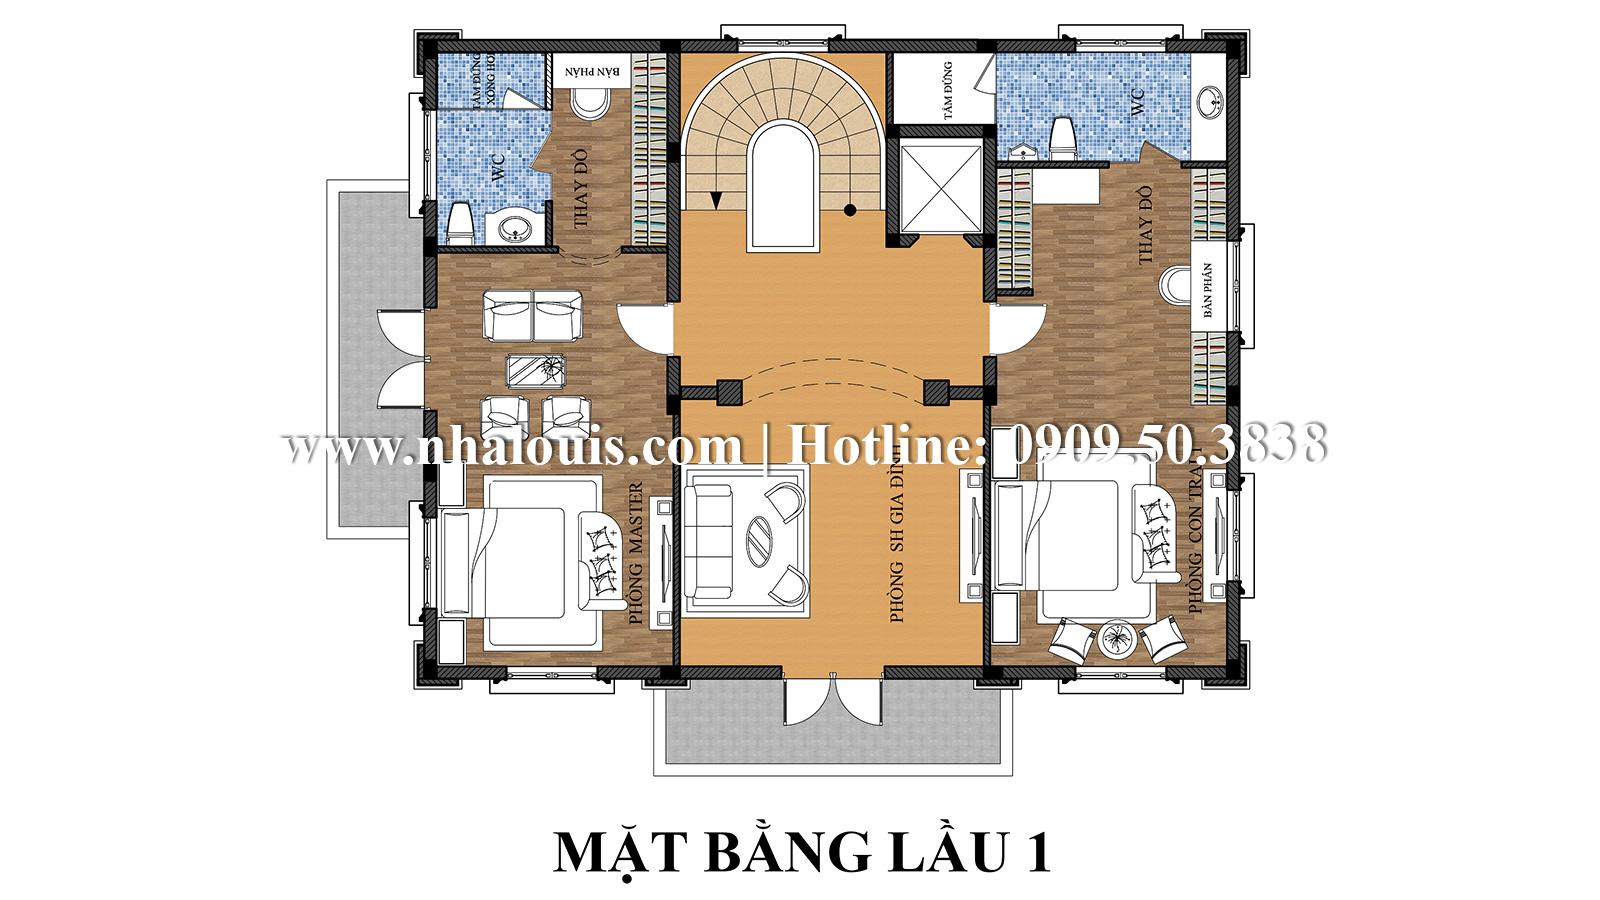 Thiết kế mẫu biệt thự kiểu Pháp 4 tầng tại Quận 9 đẹp kiêu sa - 06